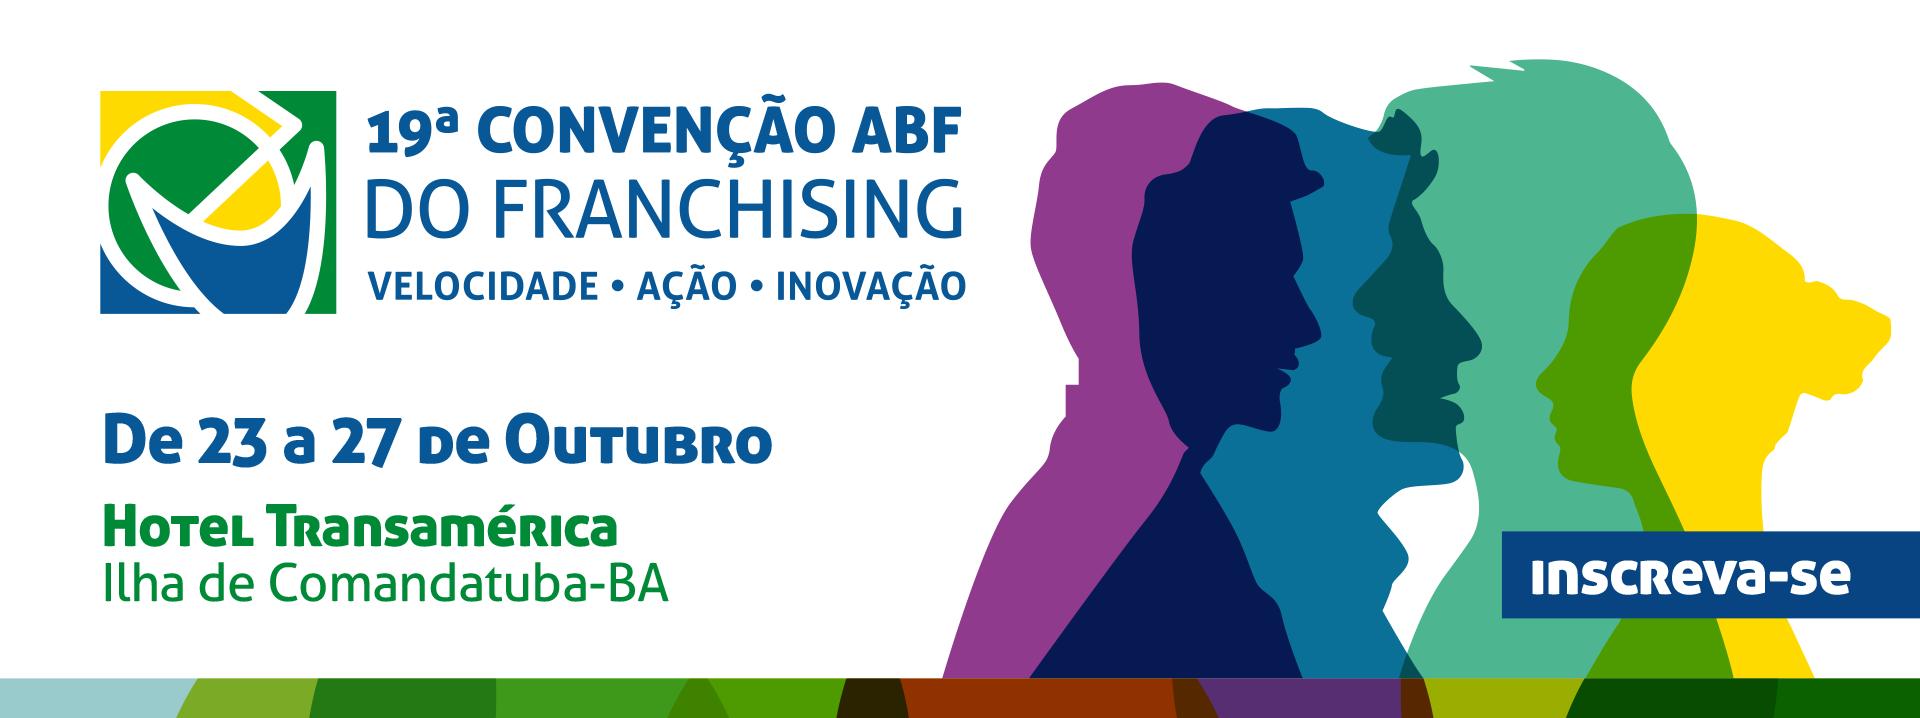 convenção abf 2019